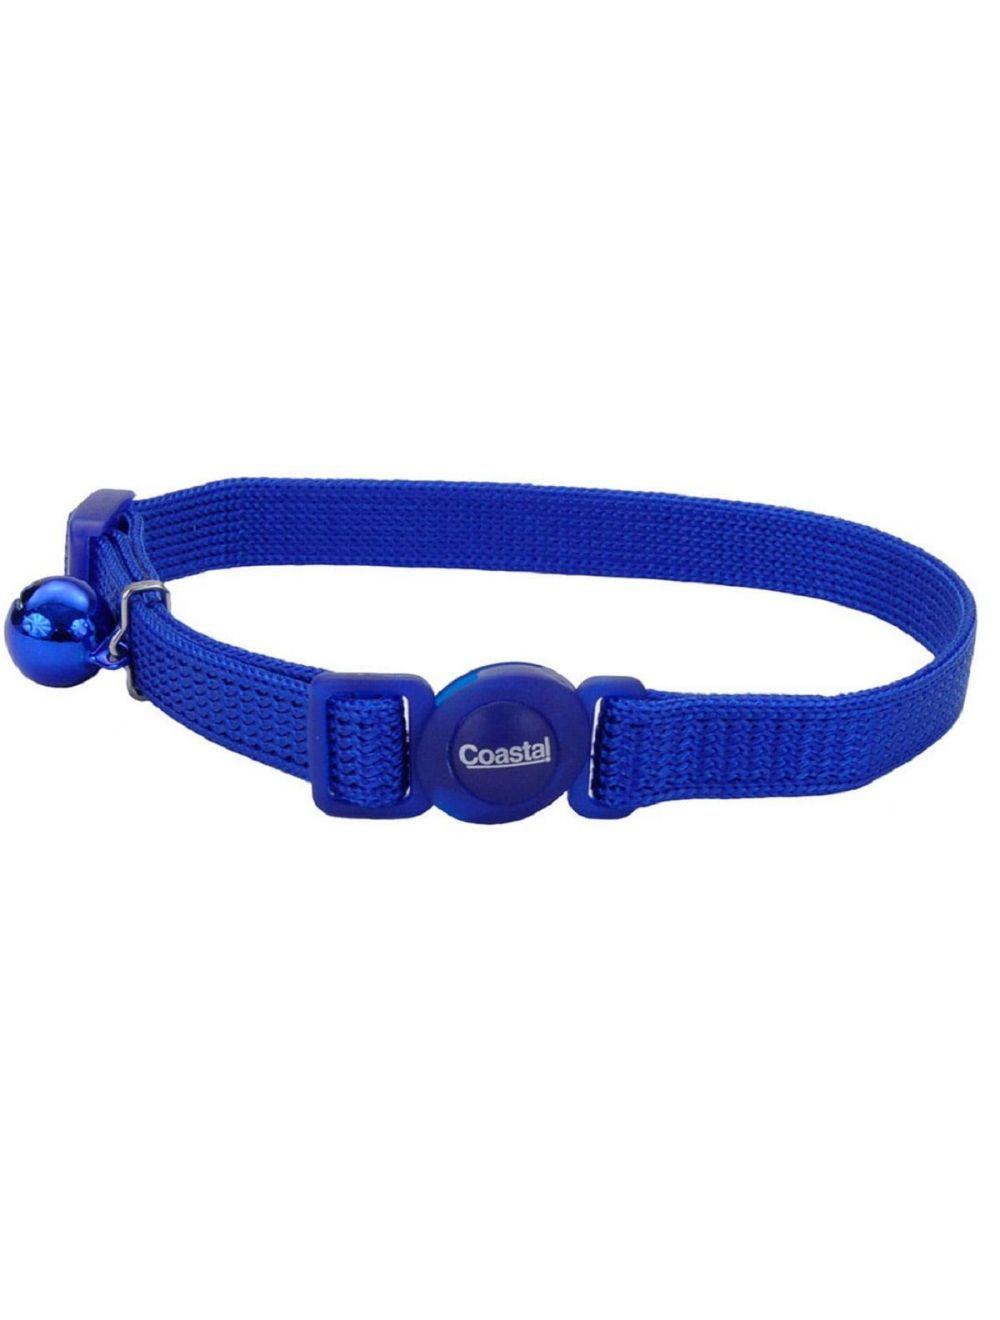 Coastal collar gato safe azul - Ciudaddemascotas.com